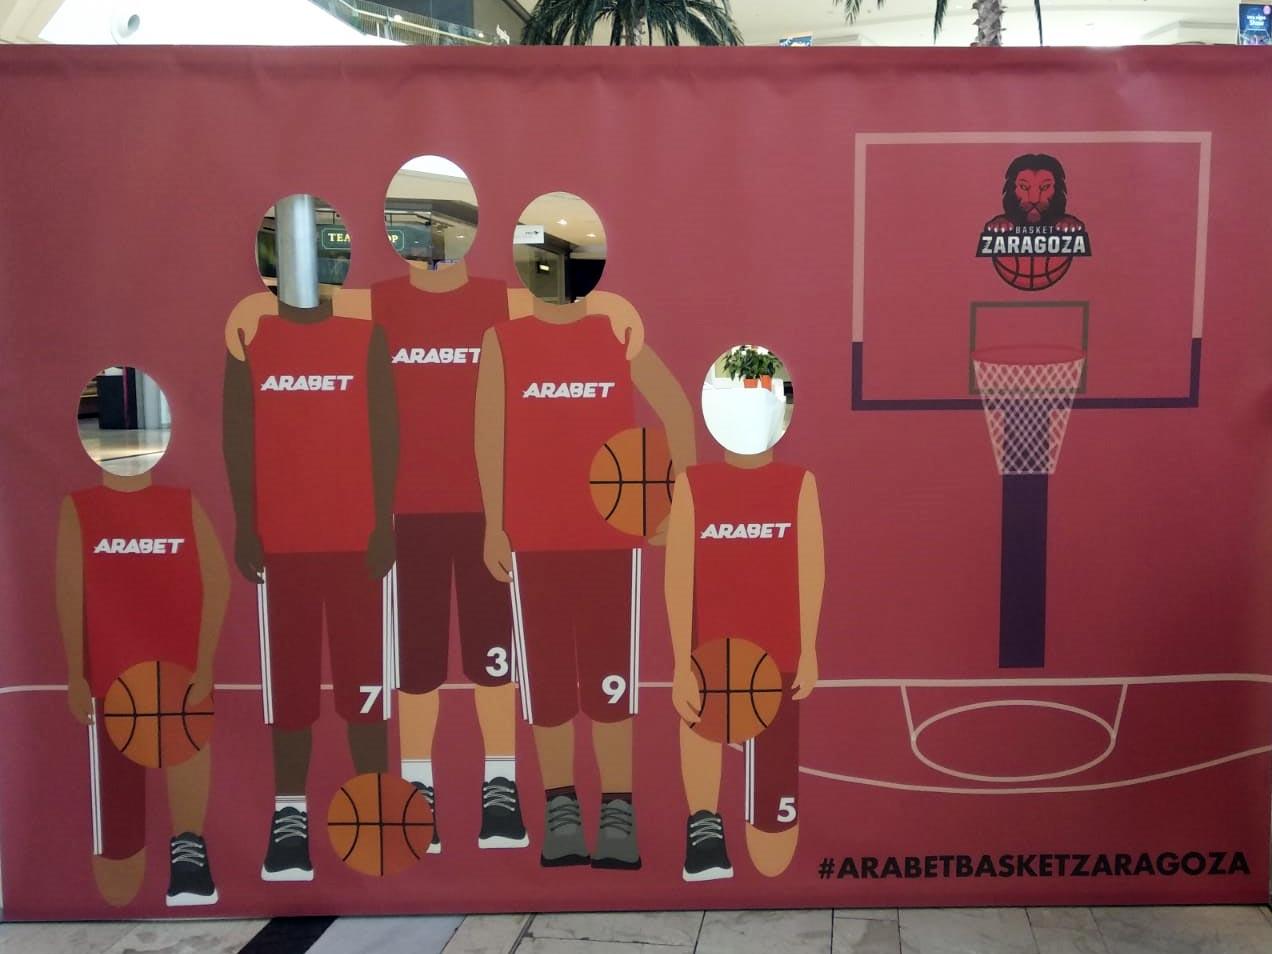 ¿Quieres ganar una camiseta oficial del Basket Zaragoza?